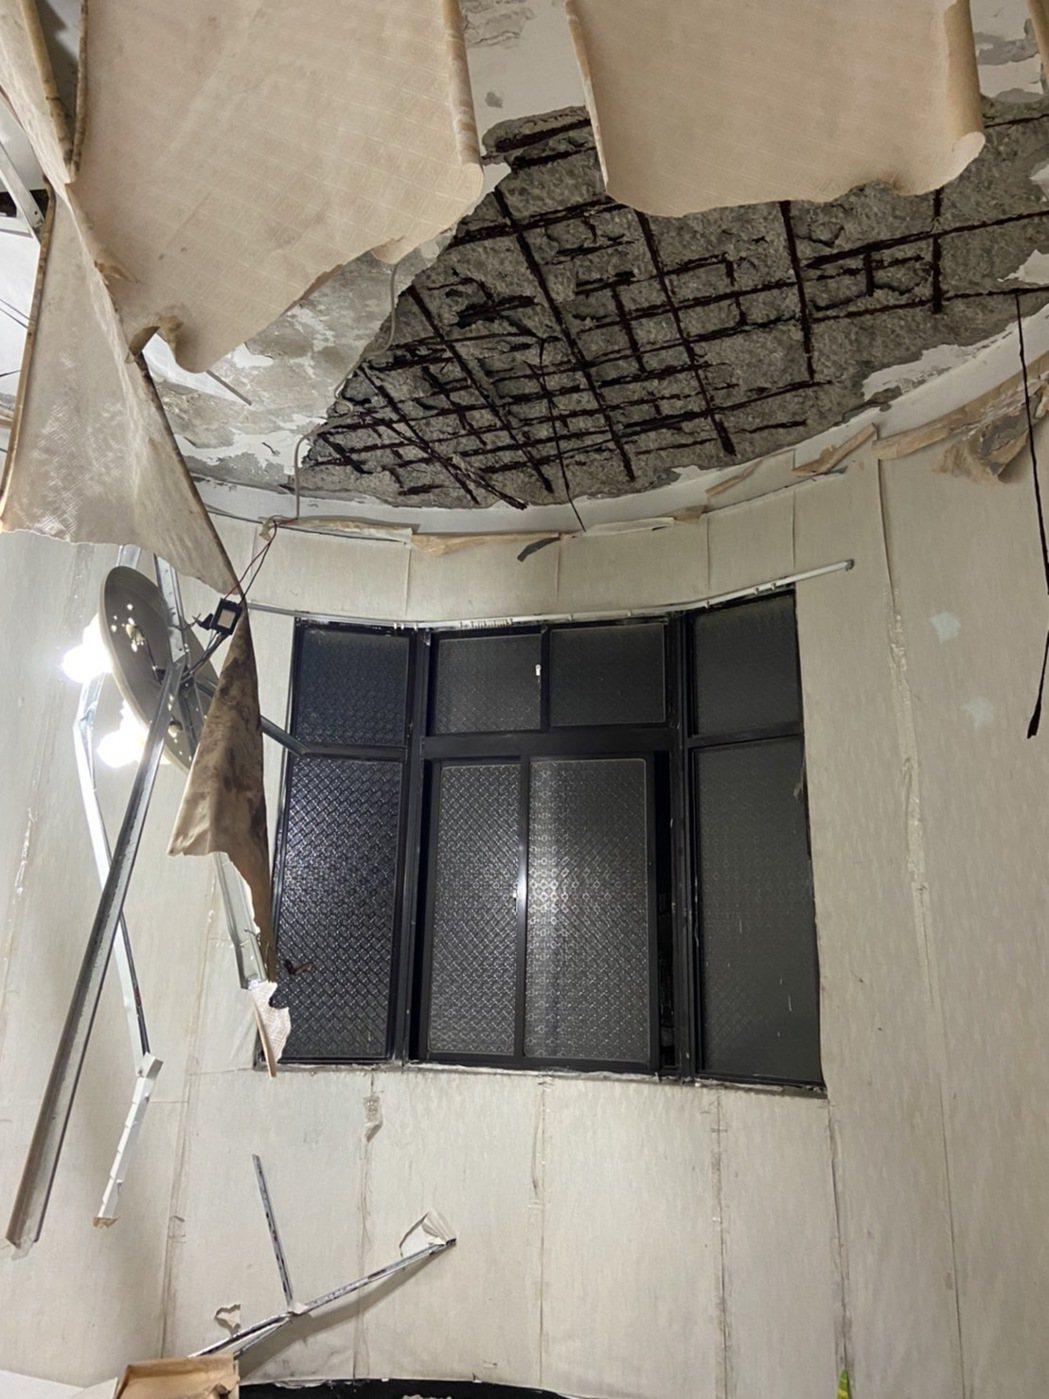 新北市推出「新北挺安全方案」,全額出資協助有安全疑慮的建築物辦理海砂屋鑑定。圖/...